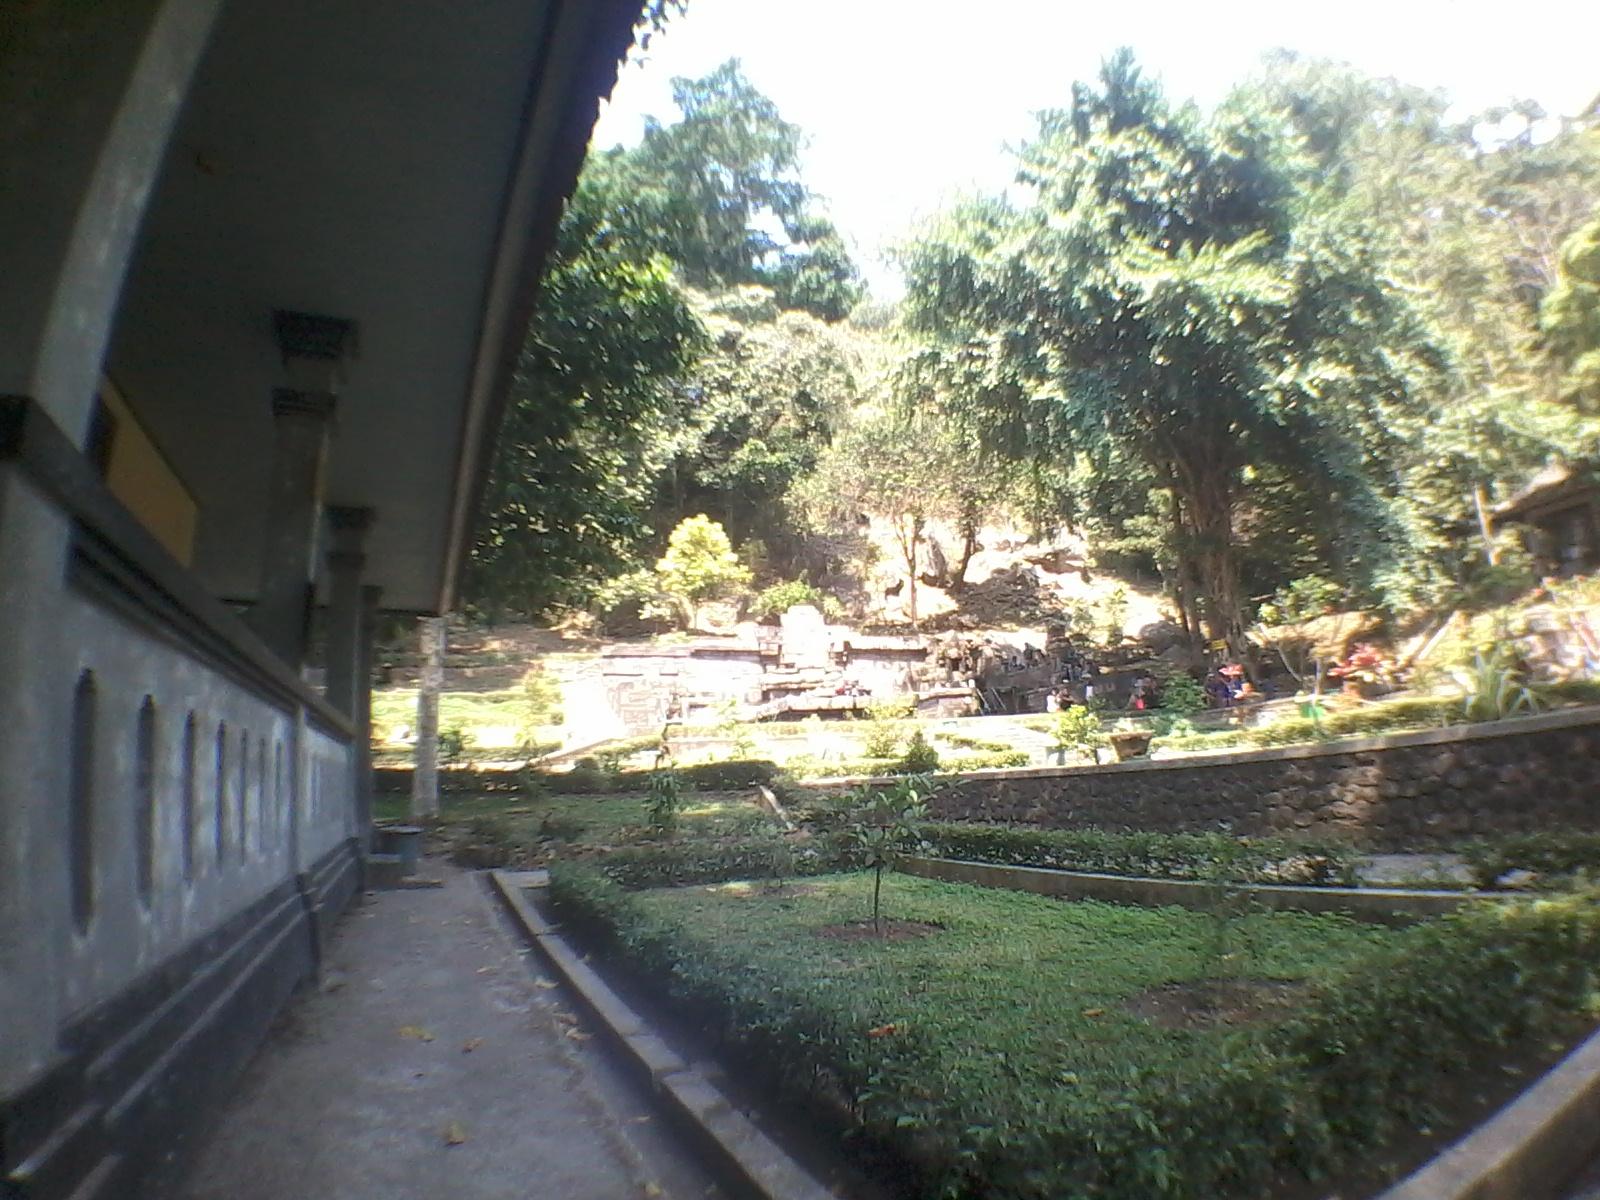 Cerita Catatan Samid Tersesat Gunung Penanggungan Mojokerto Suasana Candi Jolotundo